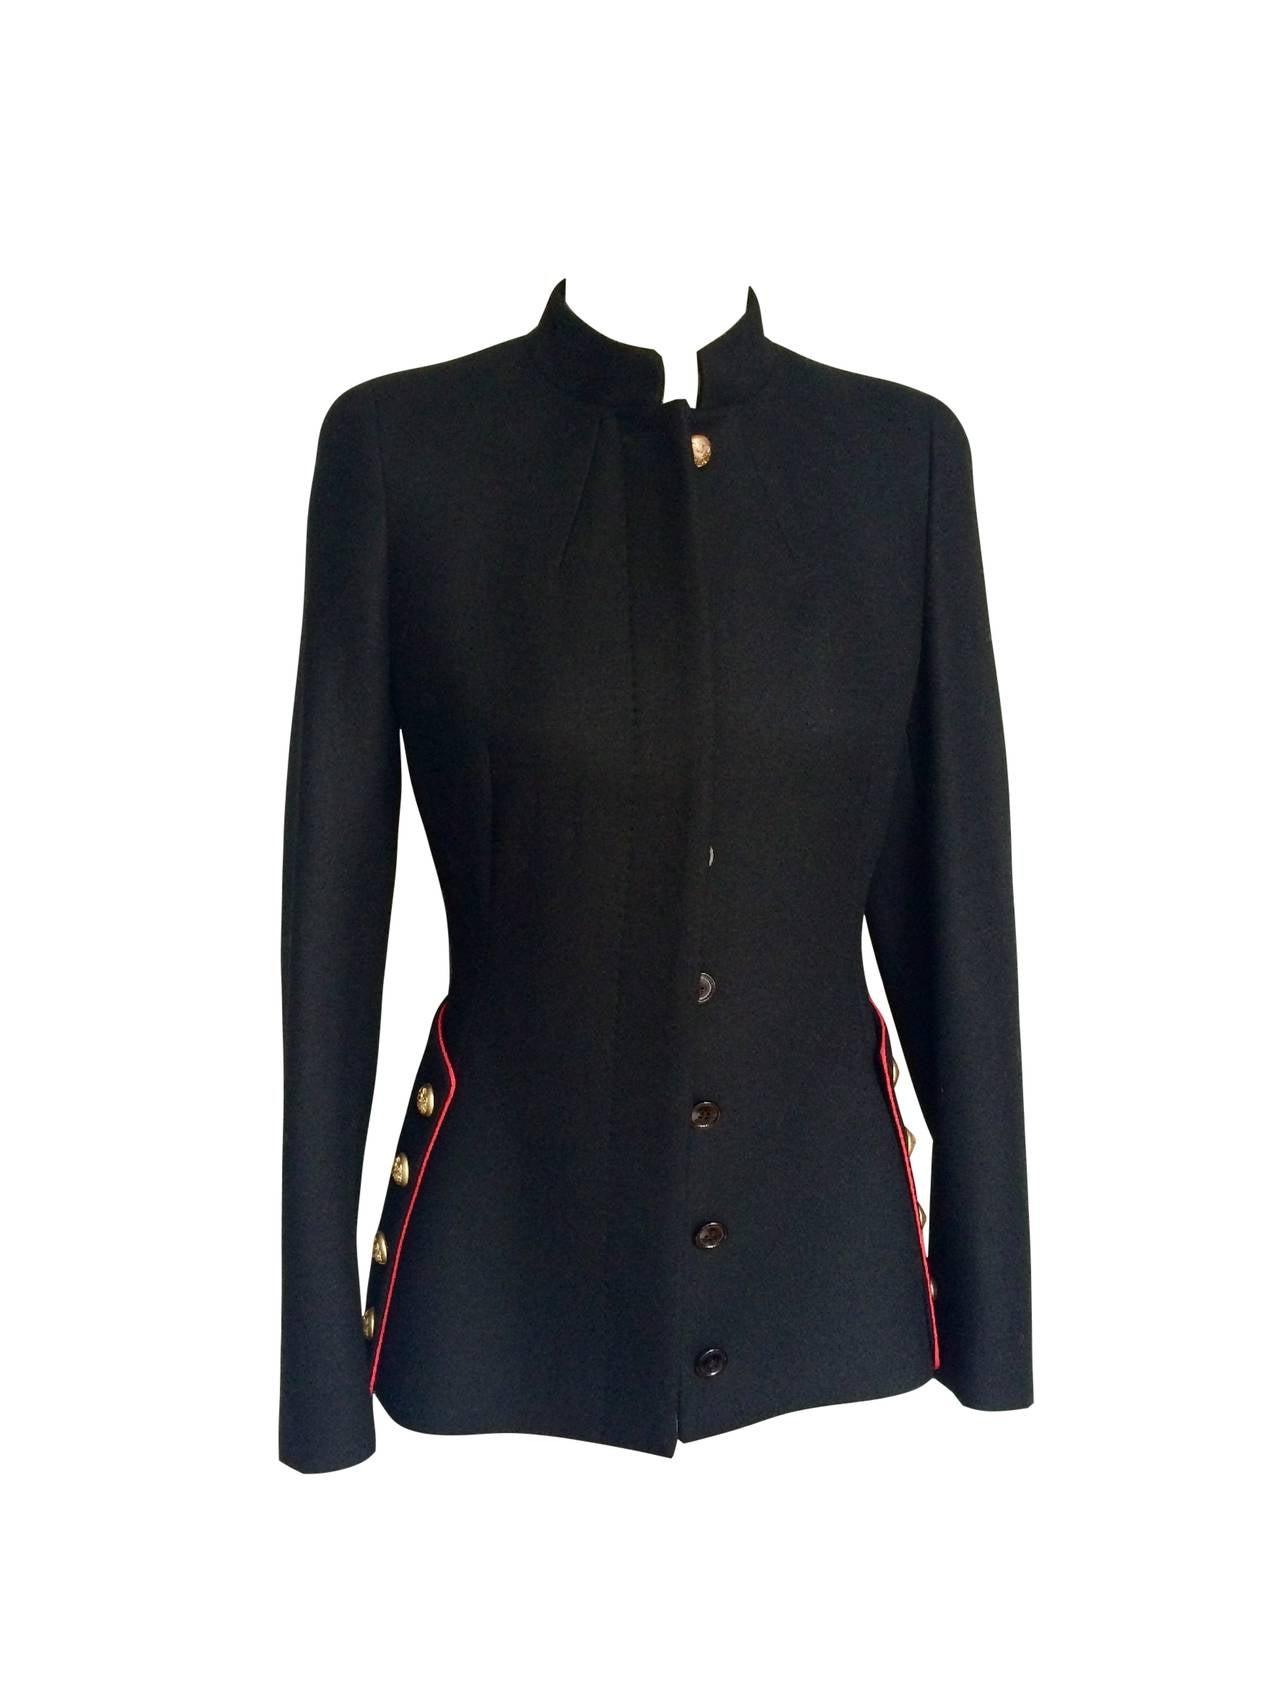 2011 Alexander McQueen Wool Jacket 2